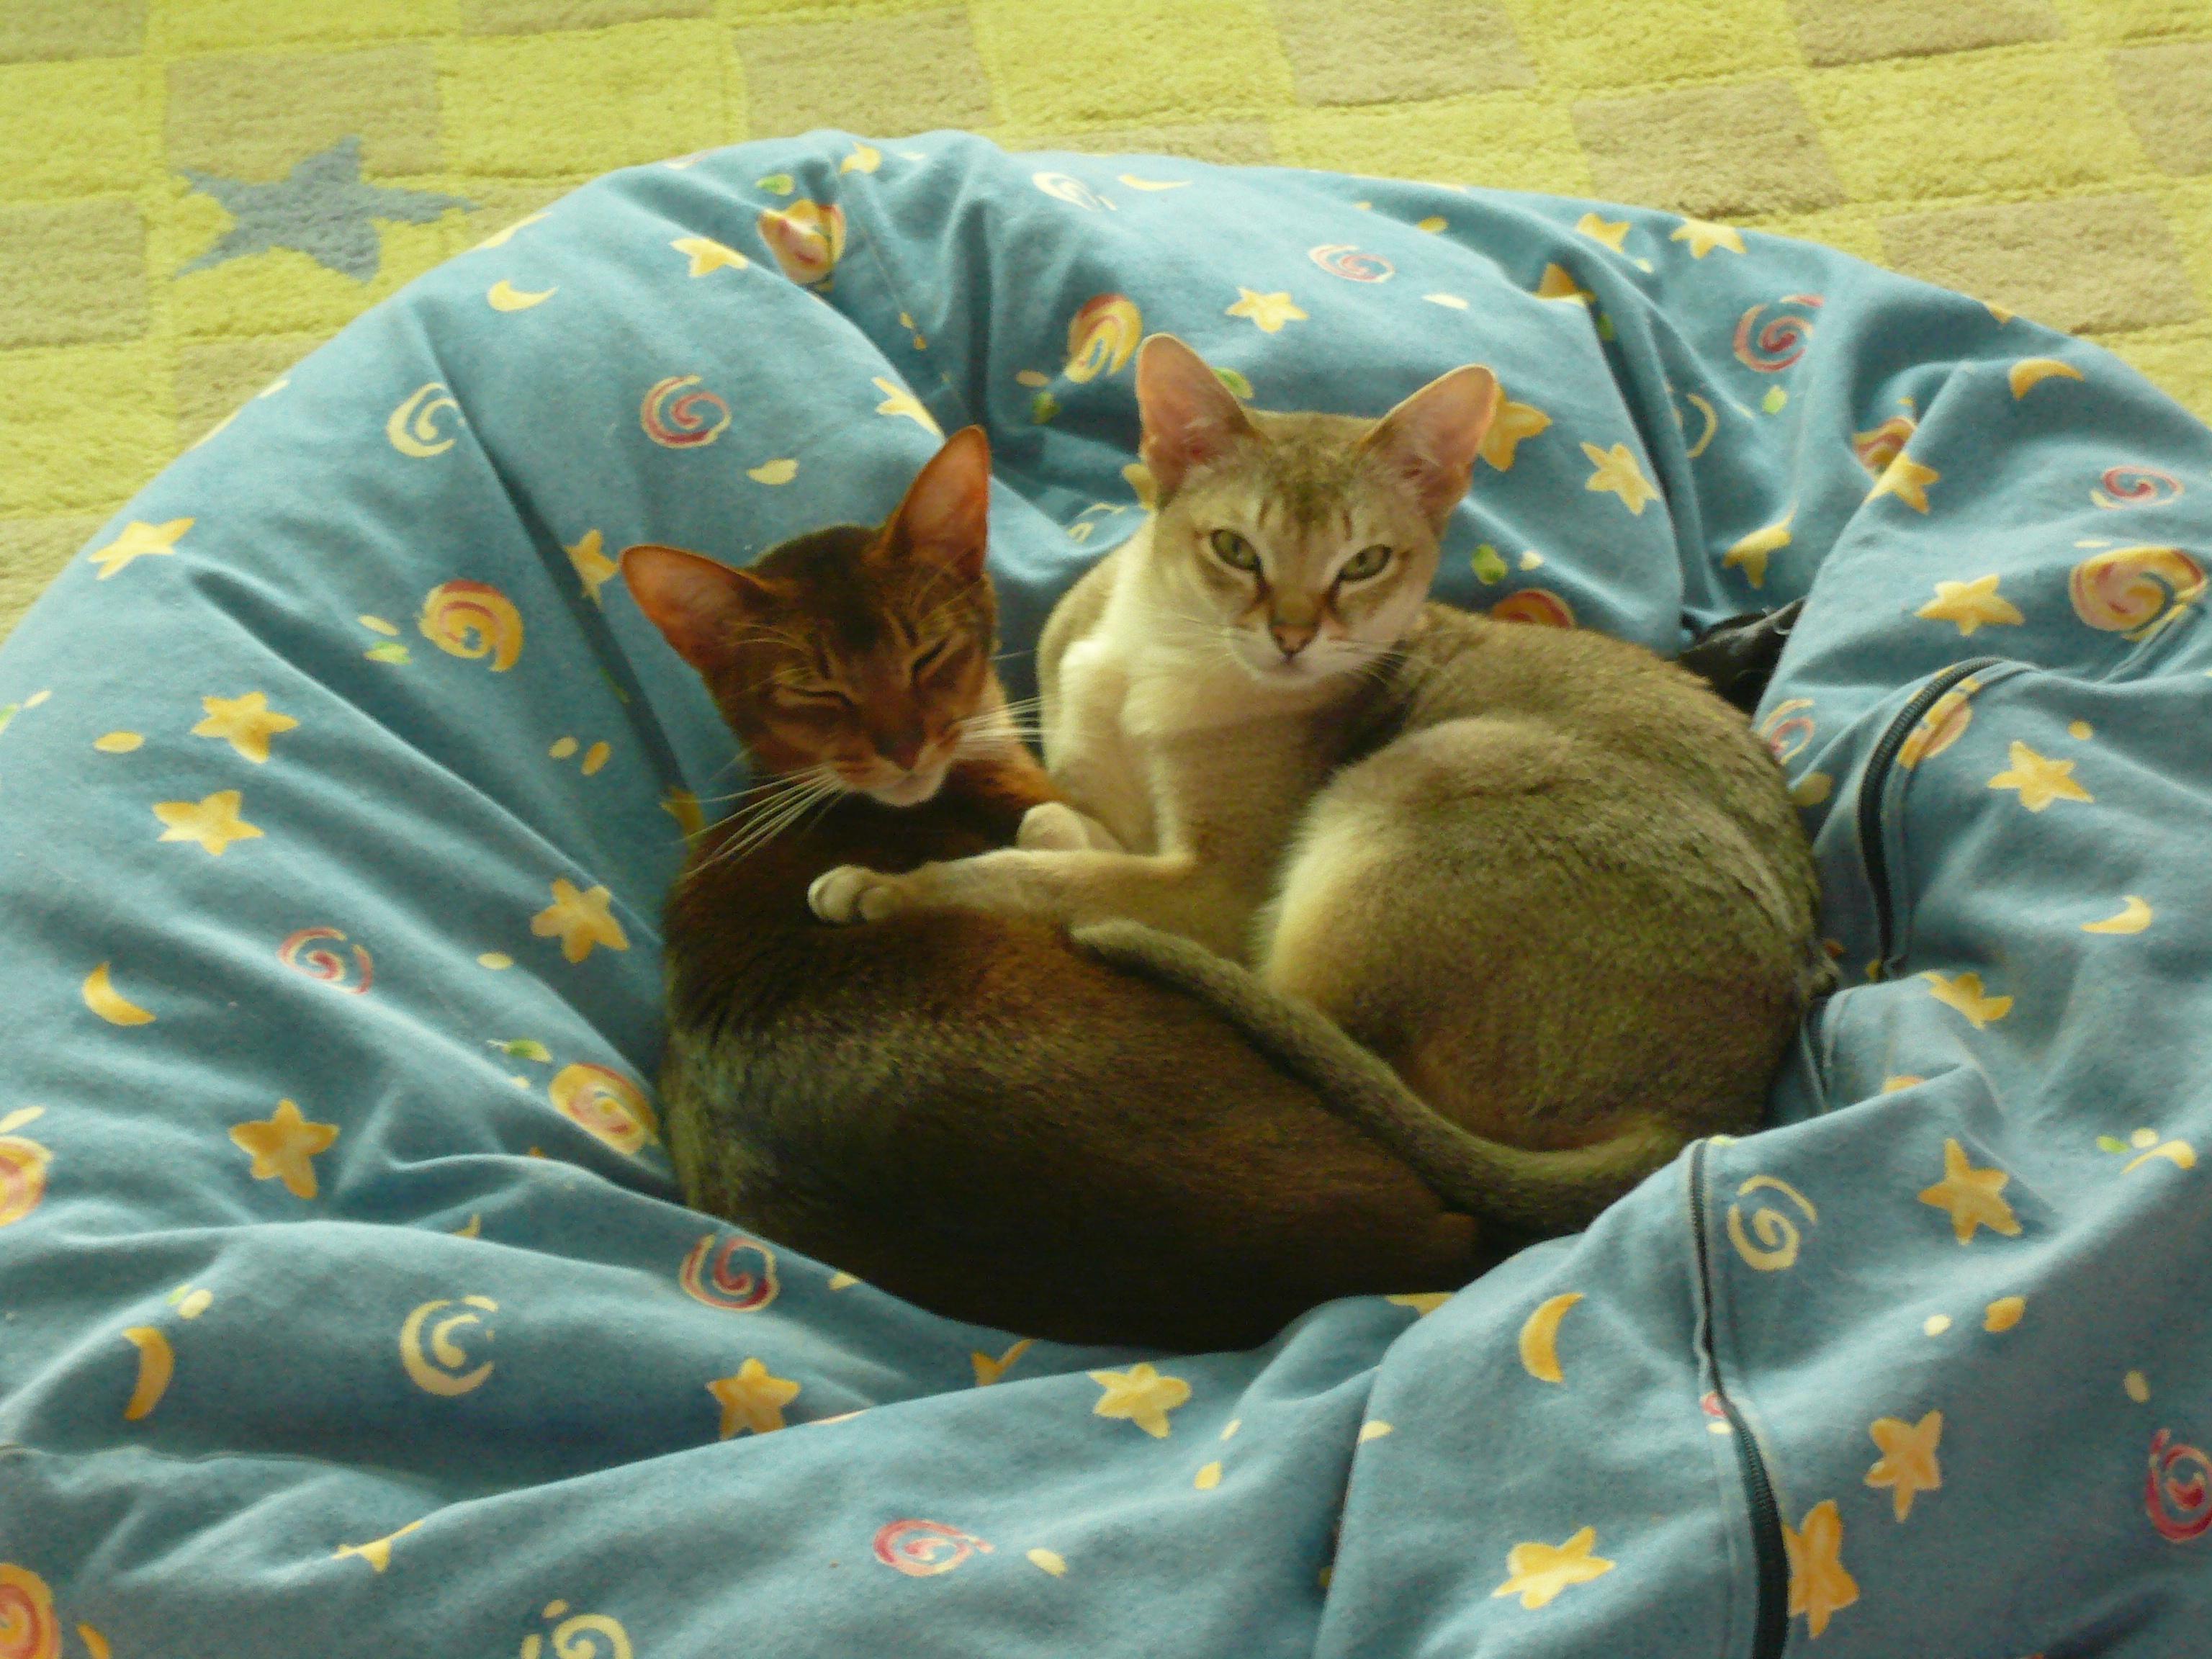 Kucing Abyssinian: Kucing cerdas, penurut dan setia